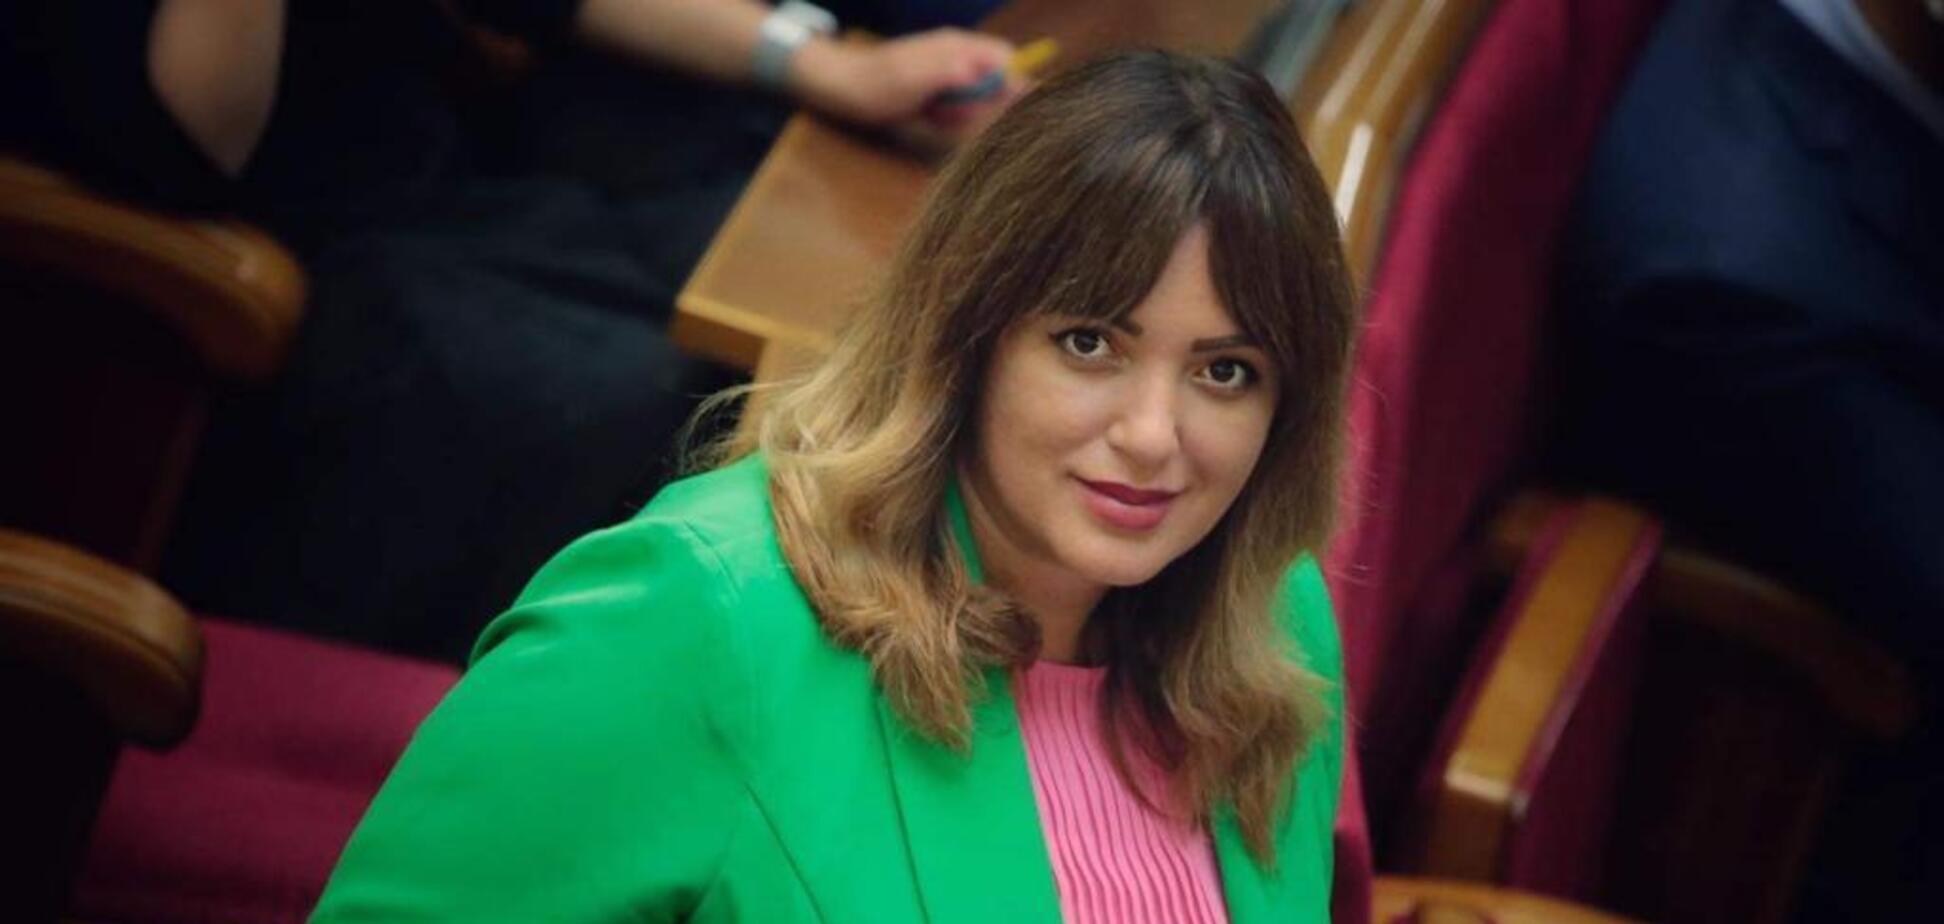 Забуранная рассказала, будут ли уменьшены тарифы для киевлян и улучшена инфраструктура города